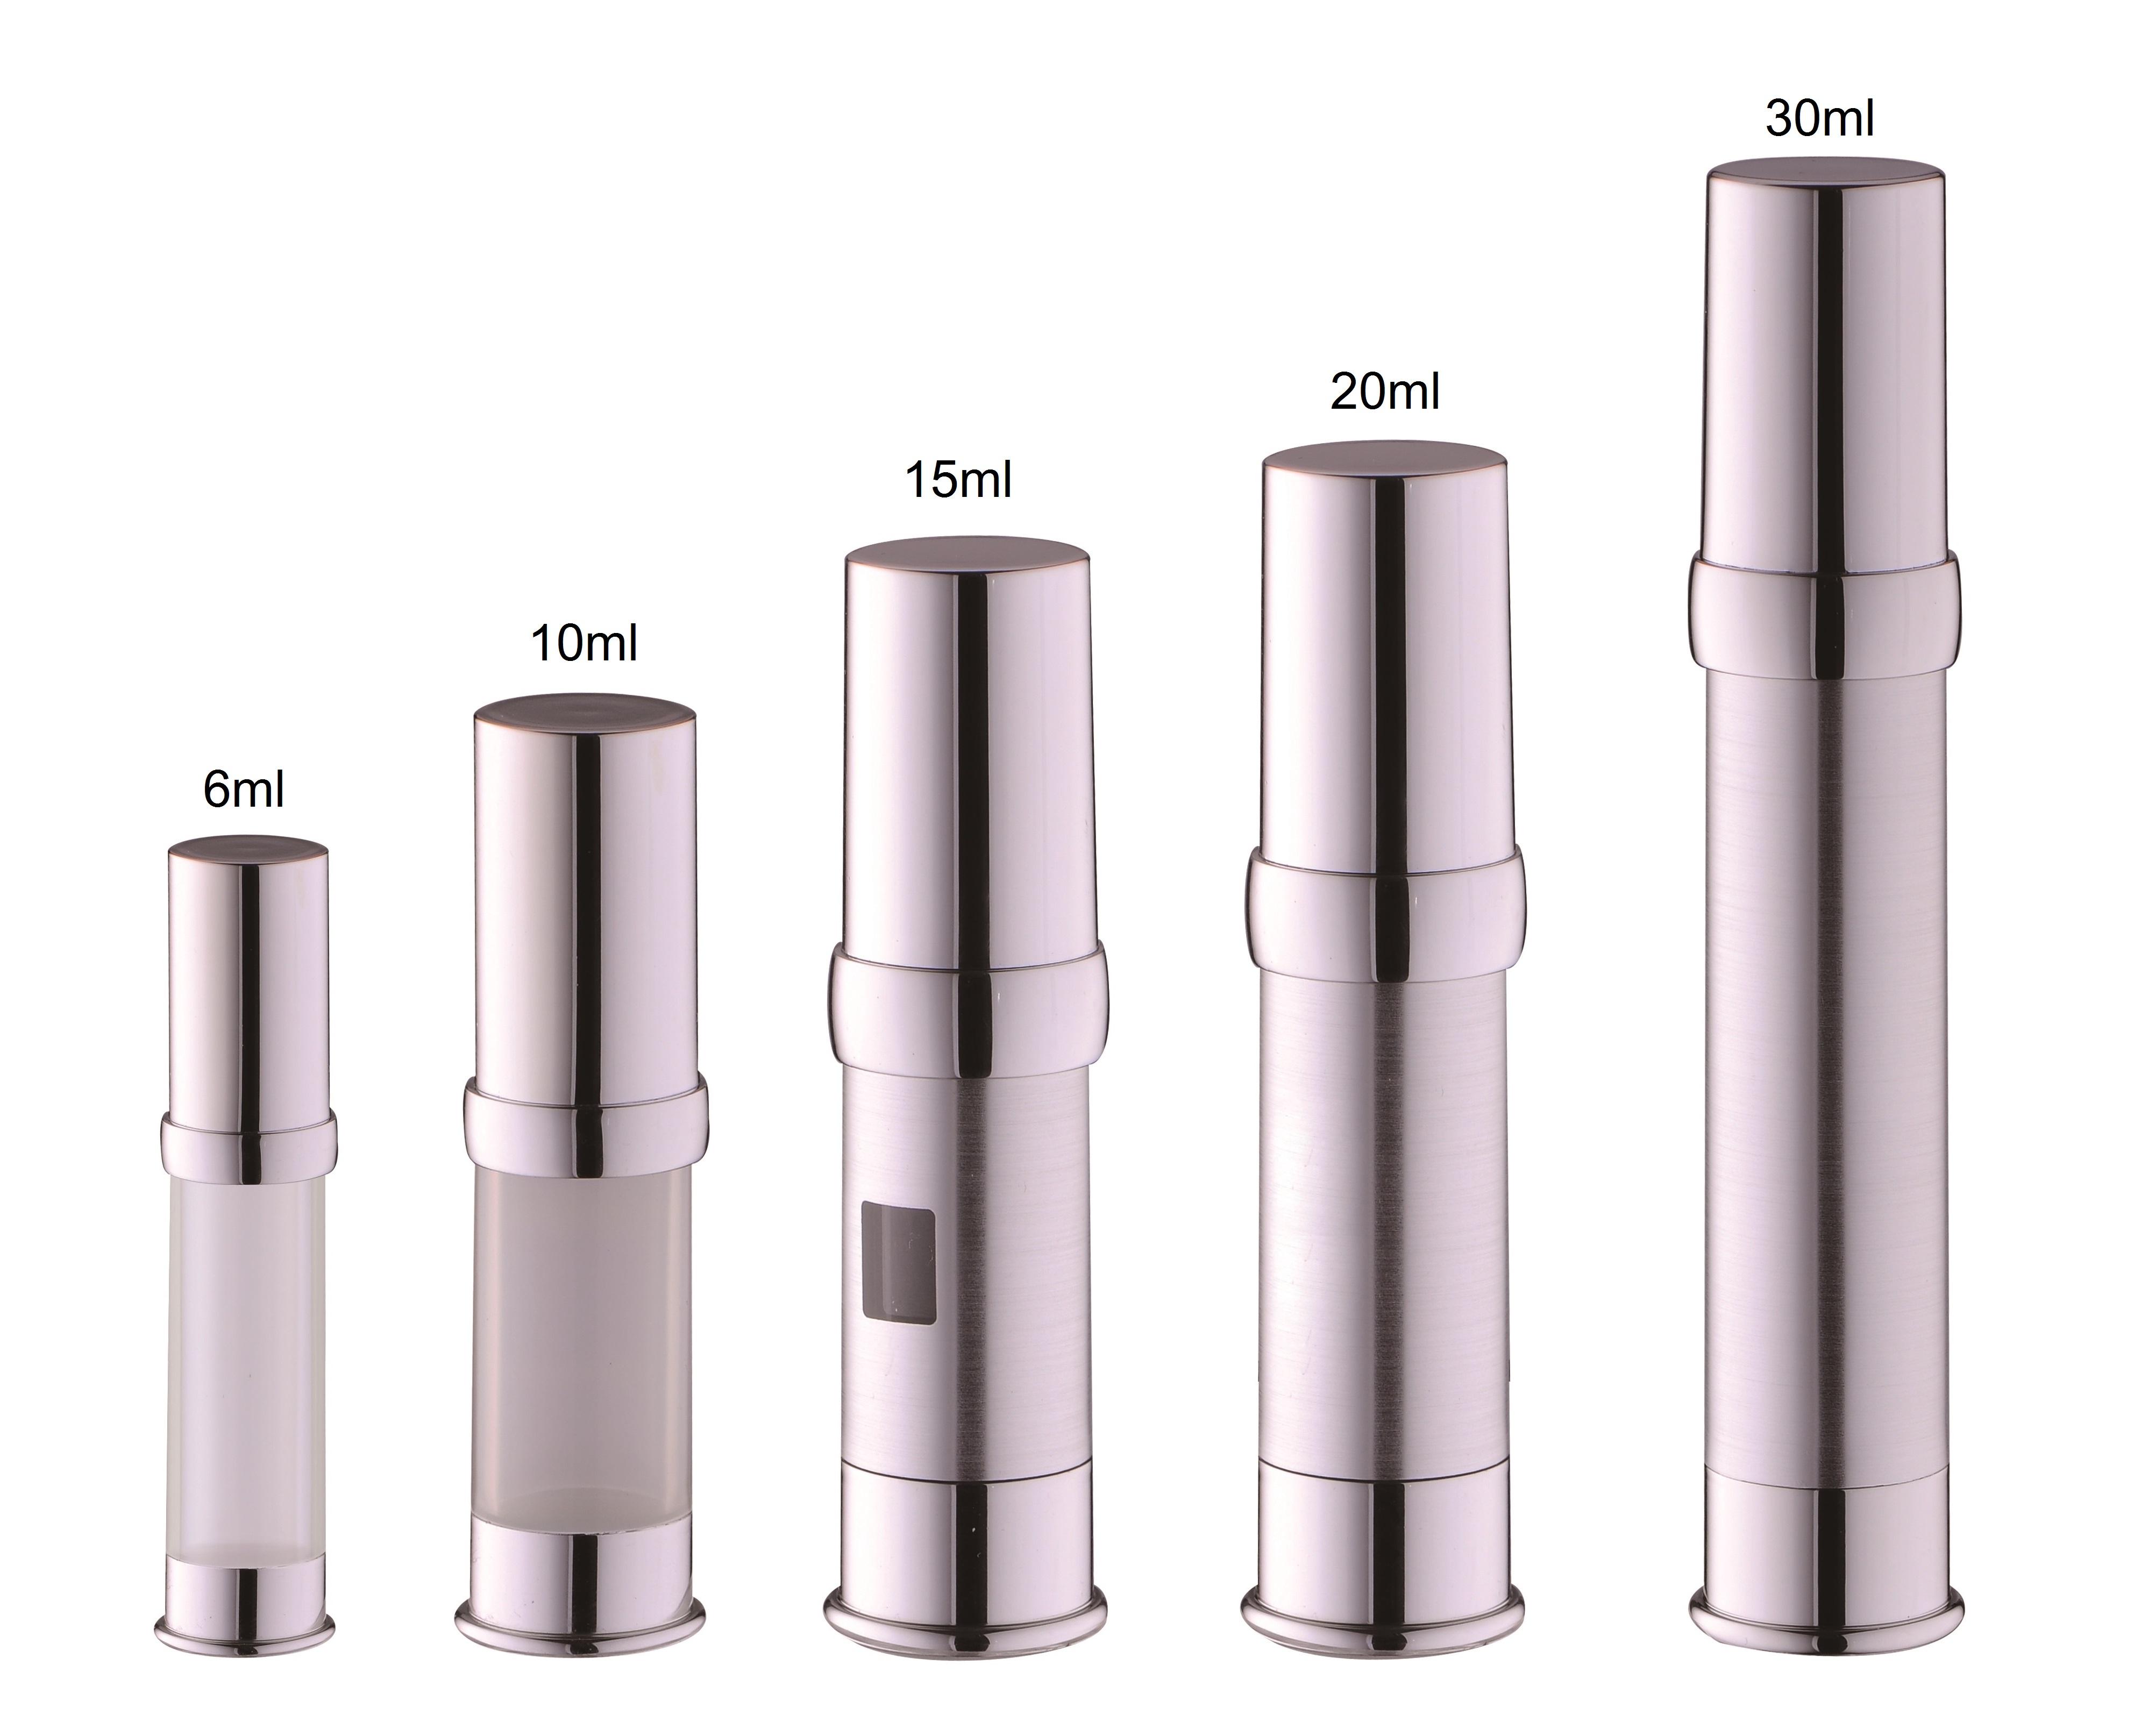 Envase airless AR6A, AR10A, AR15A, AR20A, AR30A